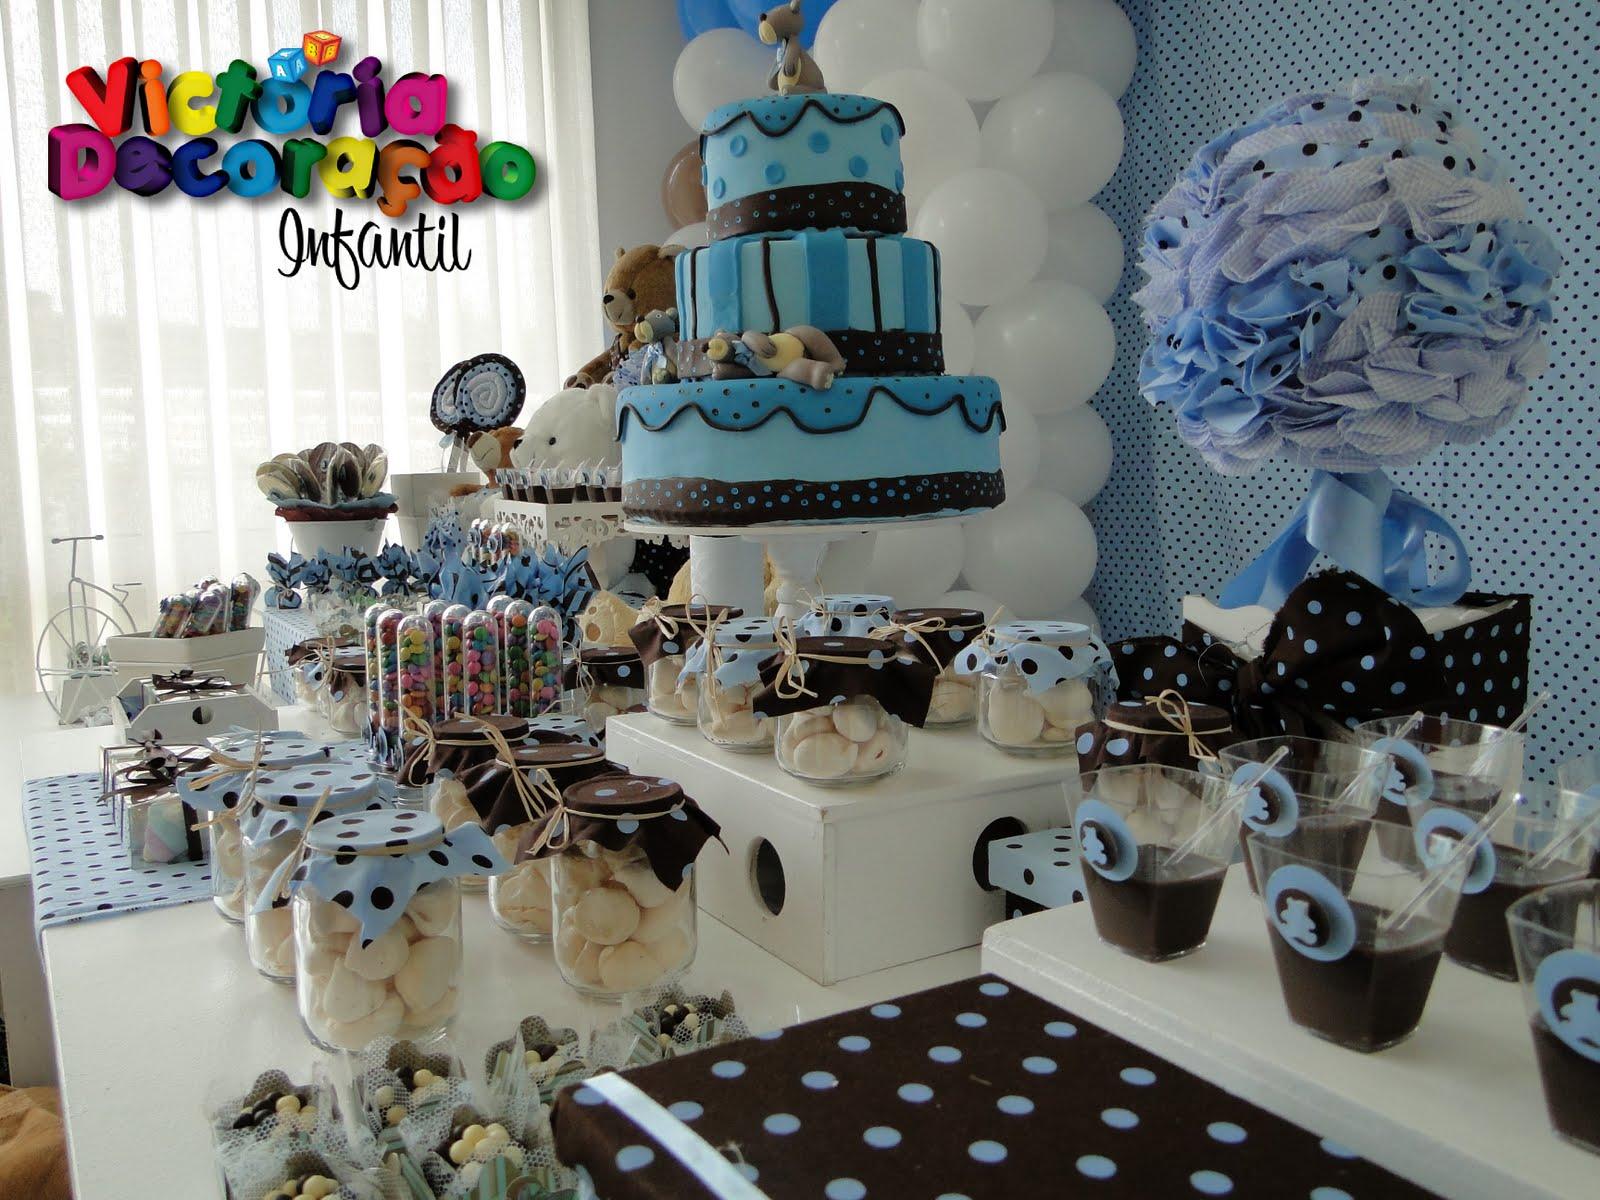 decoracao festa urso azul e marrom : decoracao festa urso azul e marrom:Decoracao Aniversario Ursinho Marrom E Azul